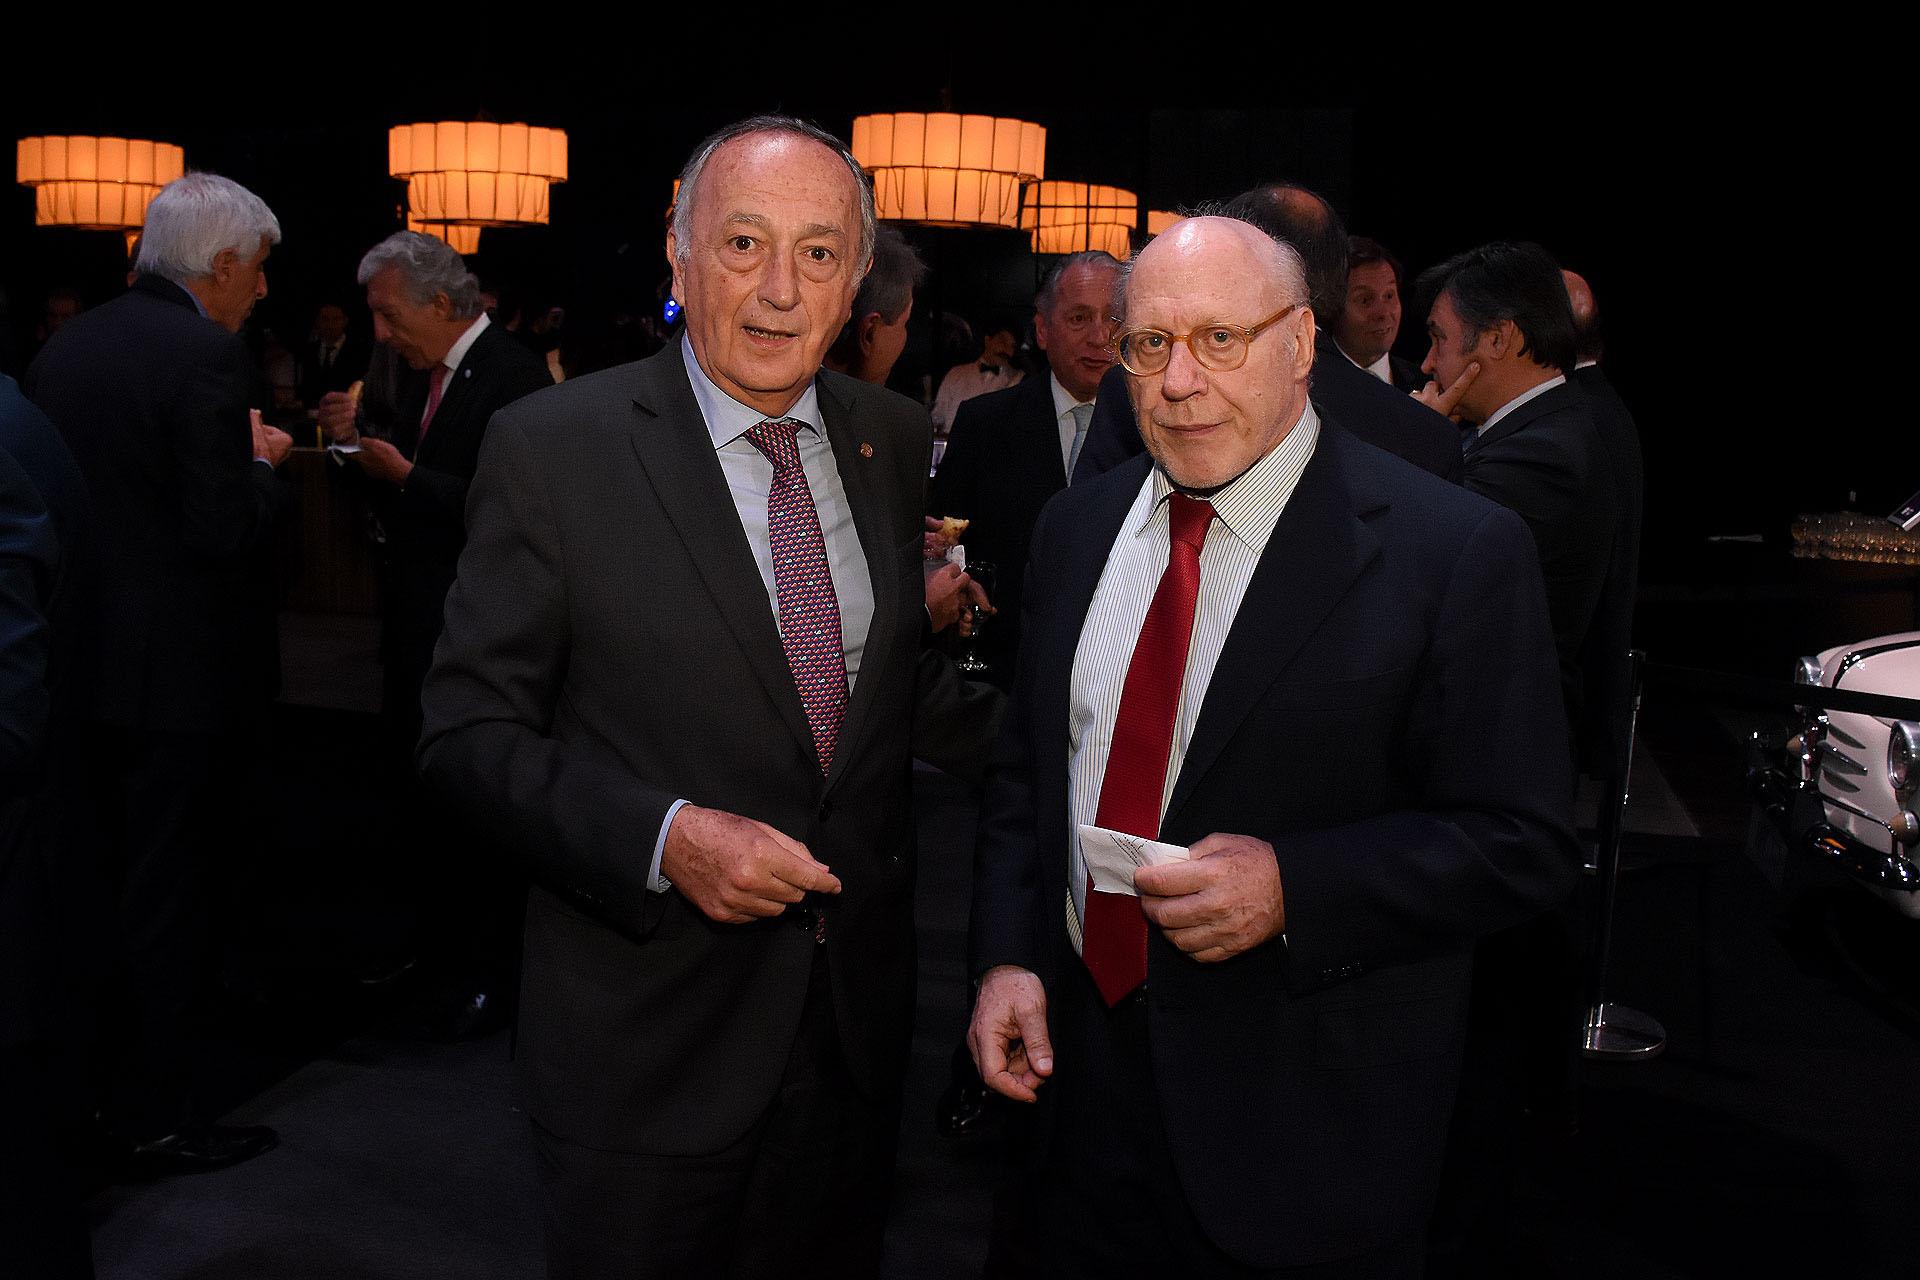 Miguel Acevedo y Julio Cesar Crivelli, titular de la Cámara Argentina de la Construcción